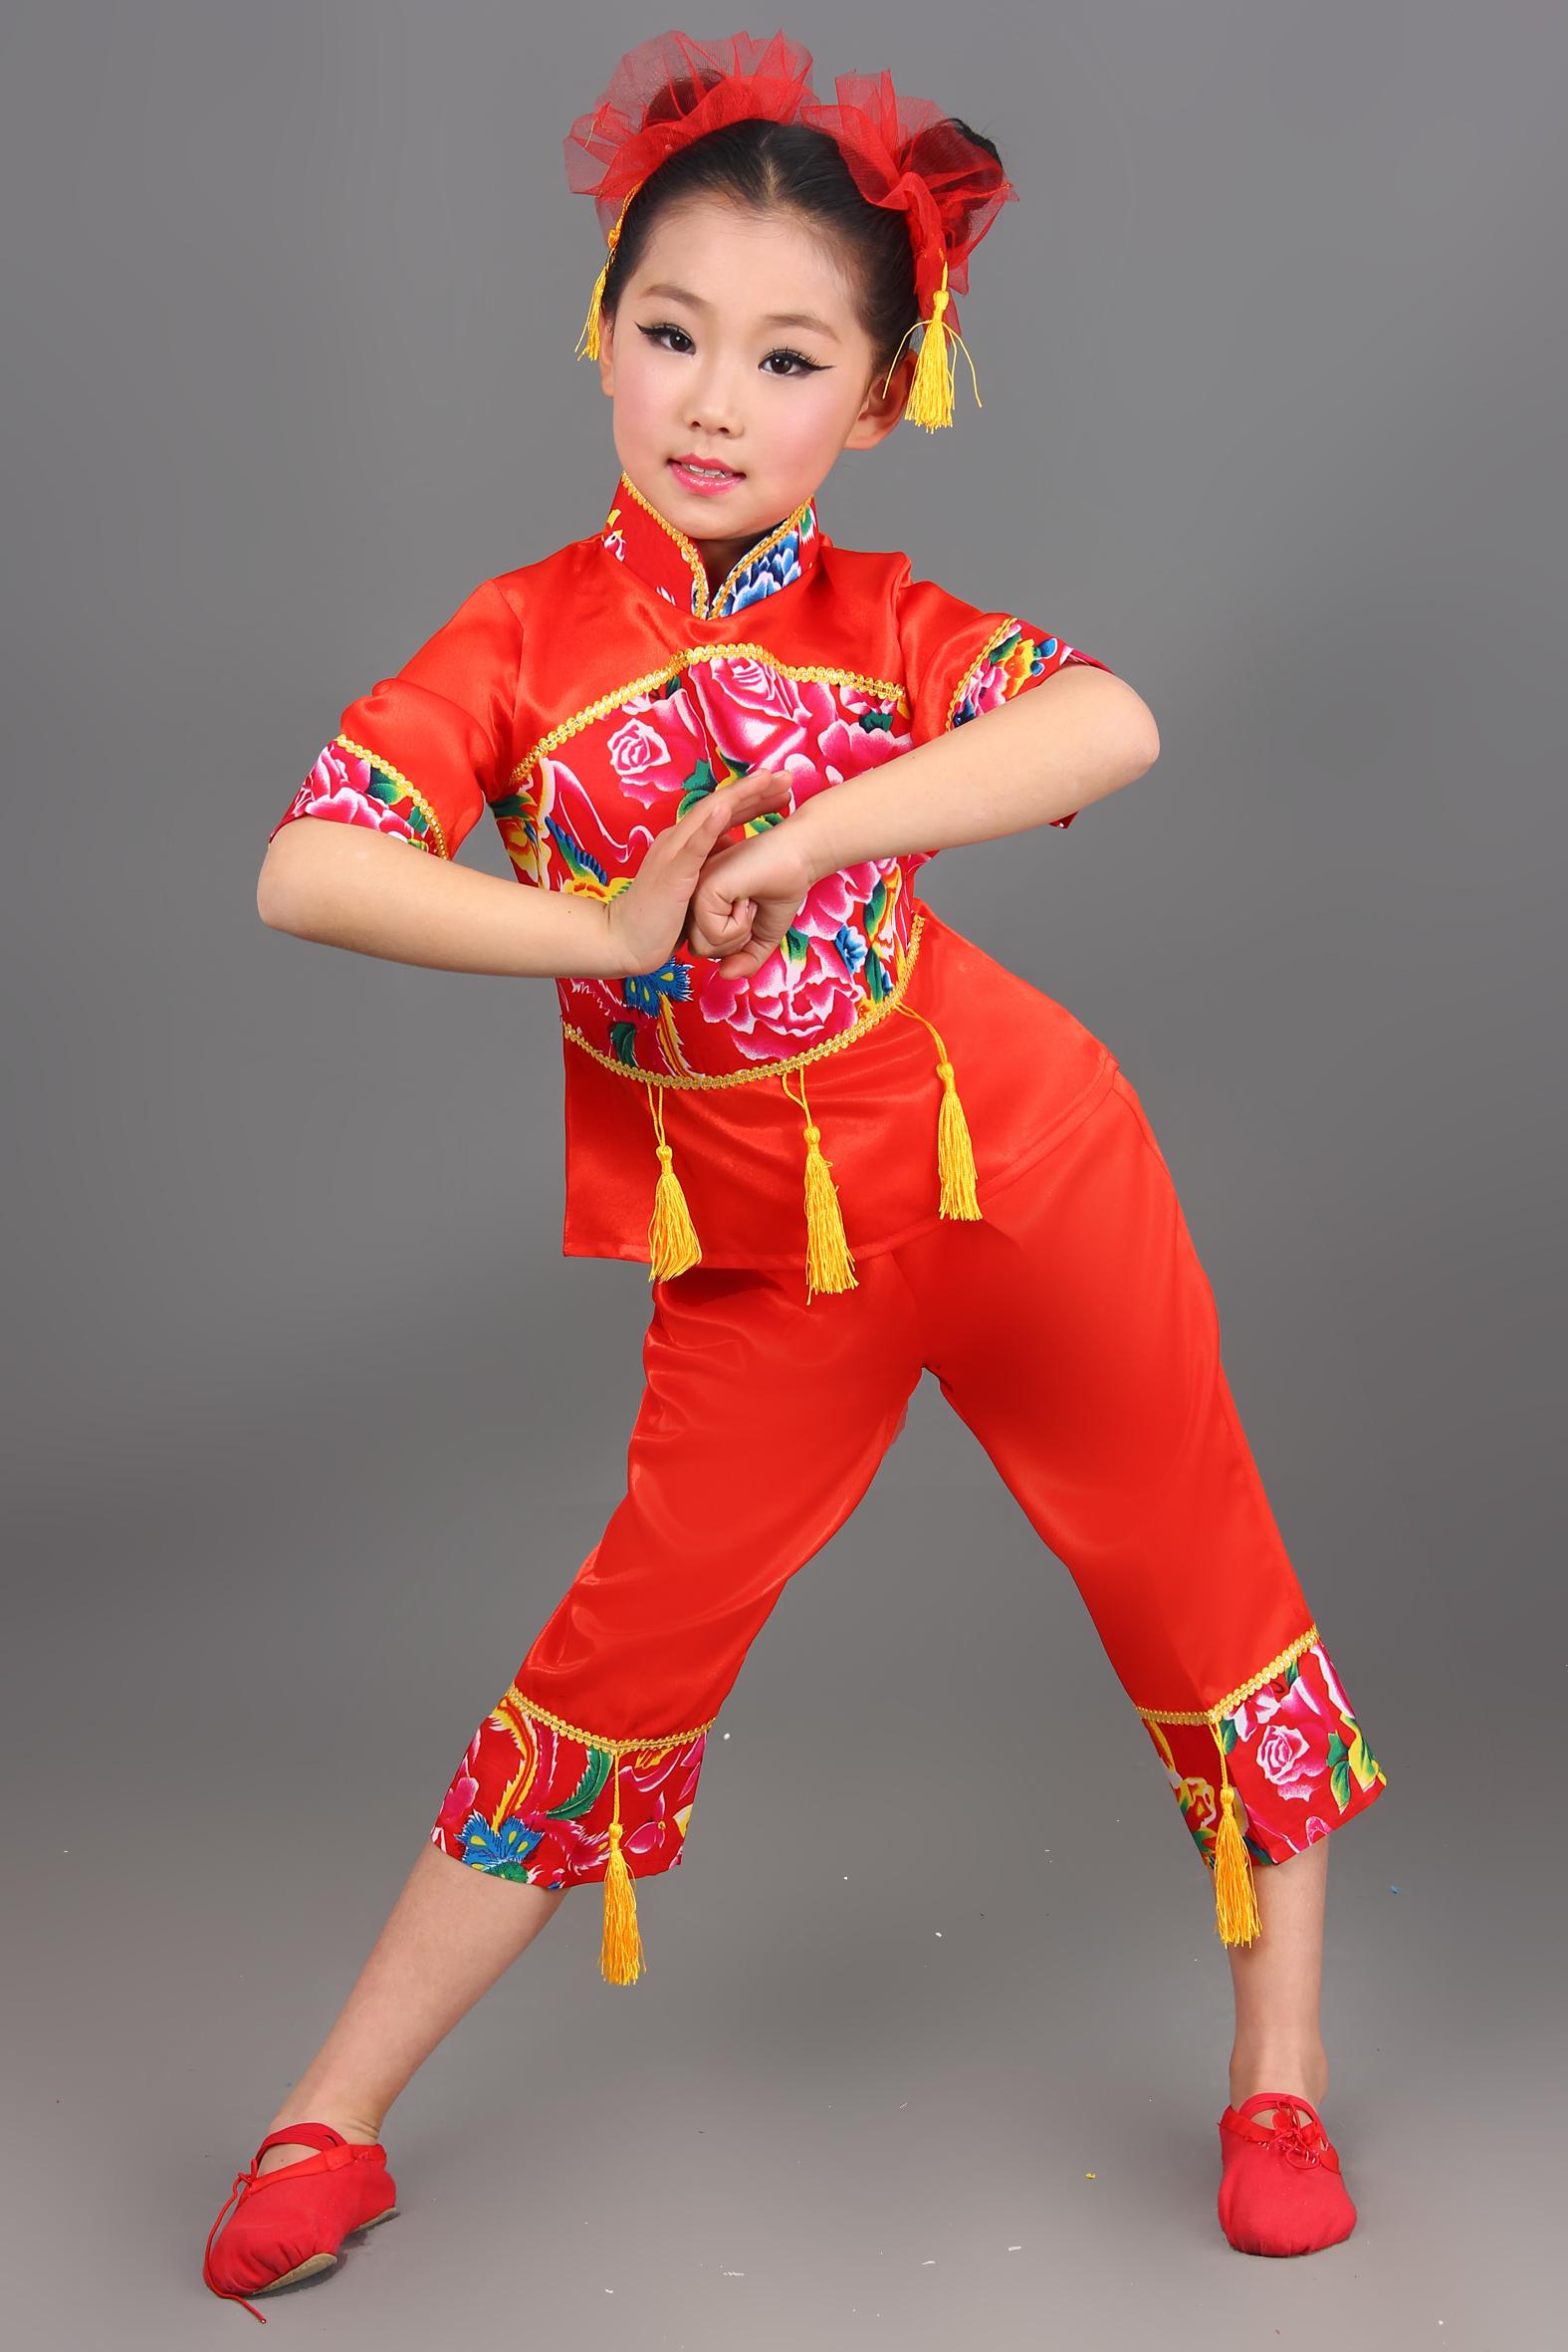 2018新款儿童演出服装元旦女童民族舞秧歌舞表演服装幼儿舞蹈服装图片